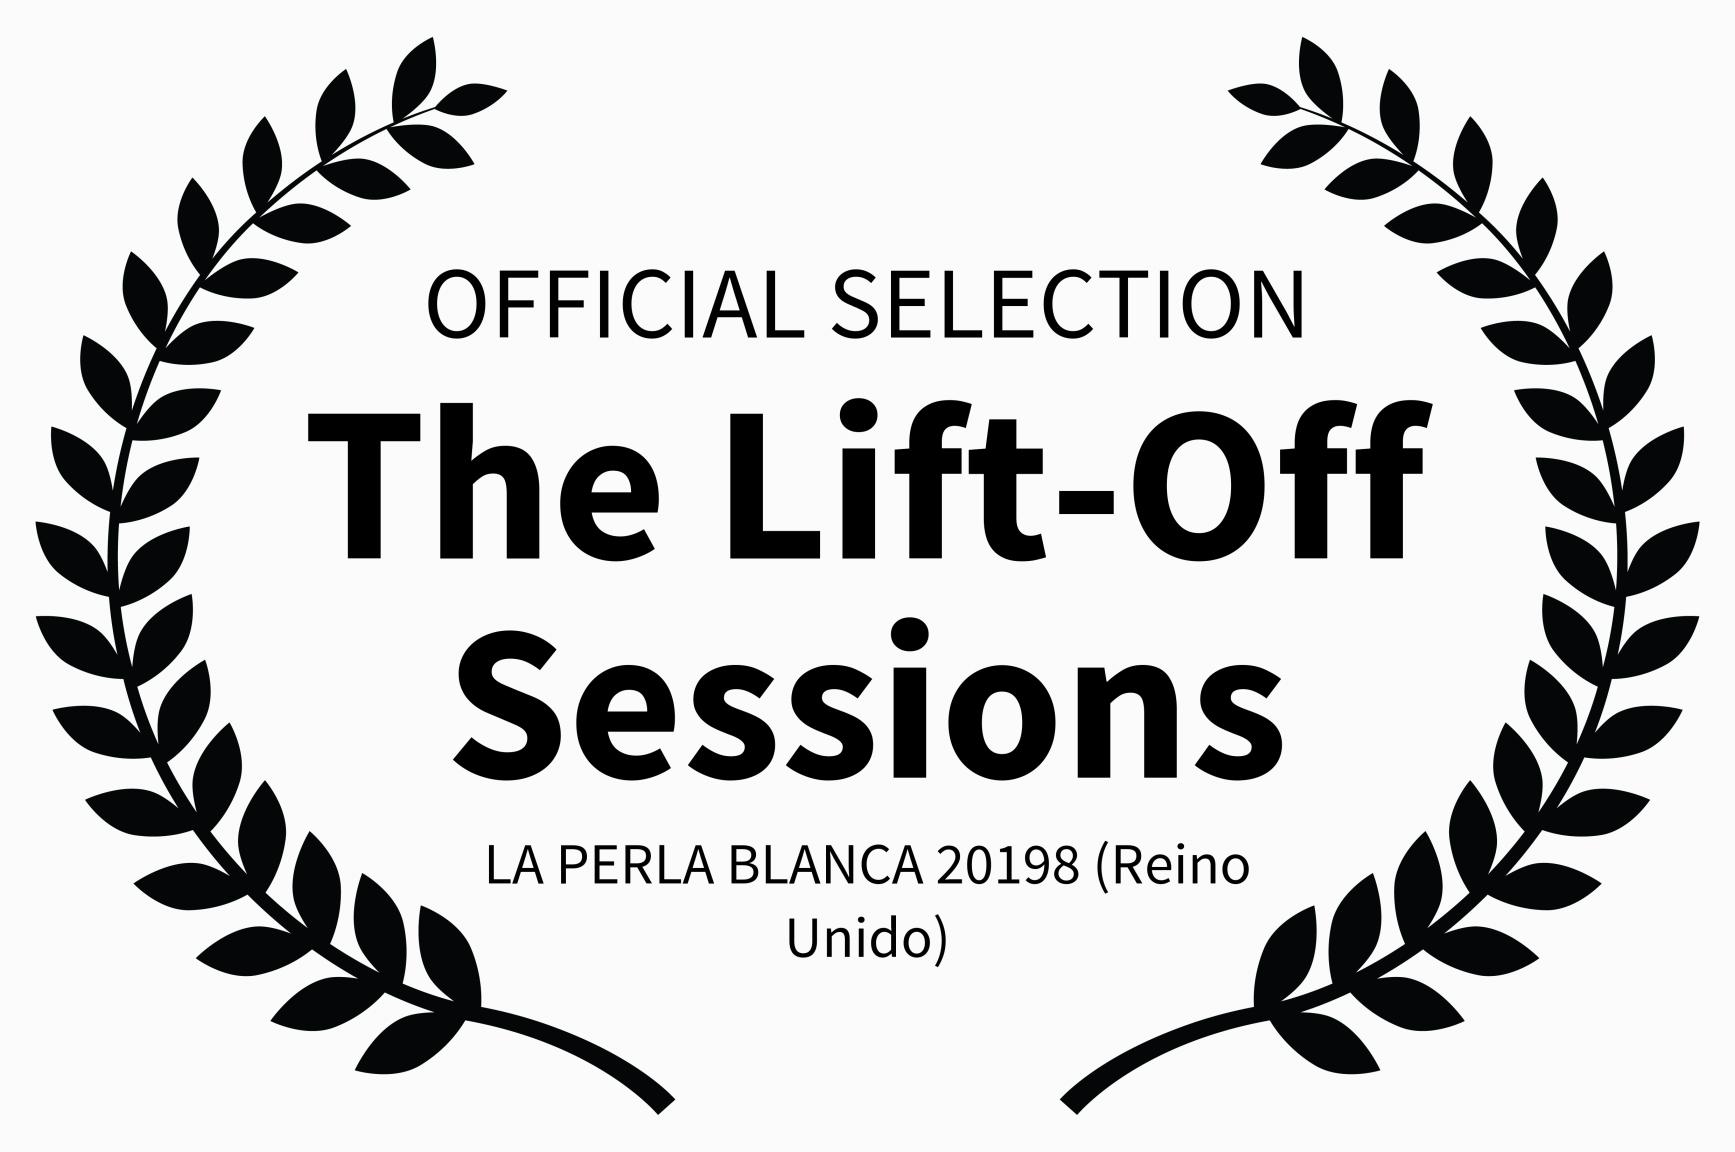 la perla-OFFICIAL SELECTION - The Lift-O